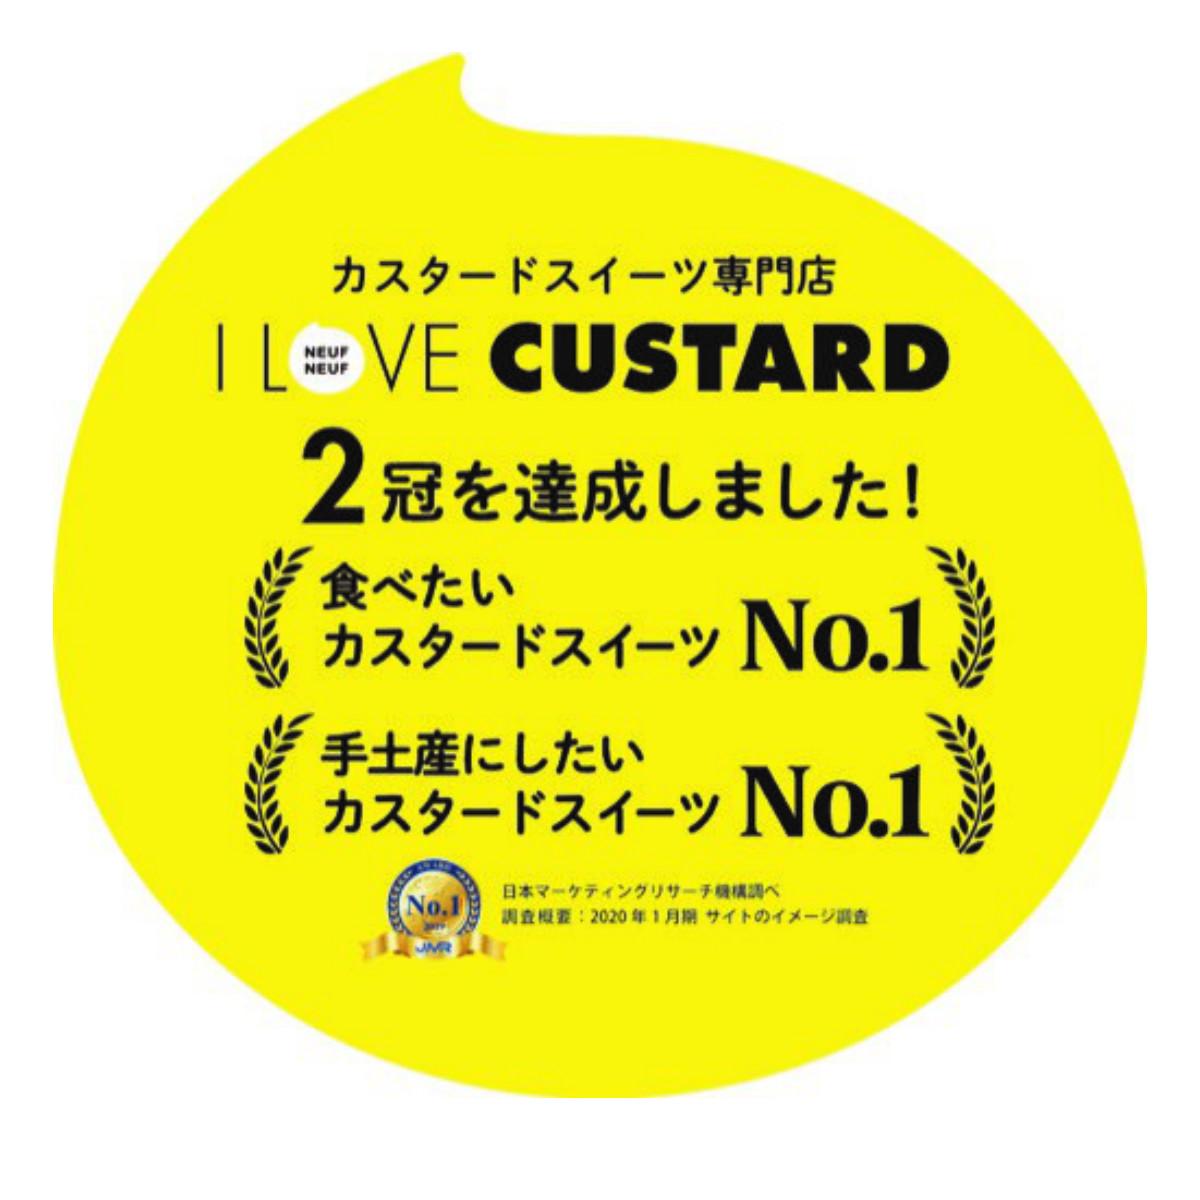 プチブリュレカスタード(4個入)(福岡便)